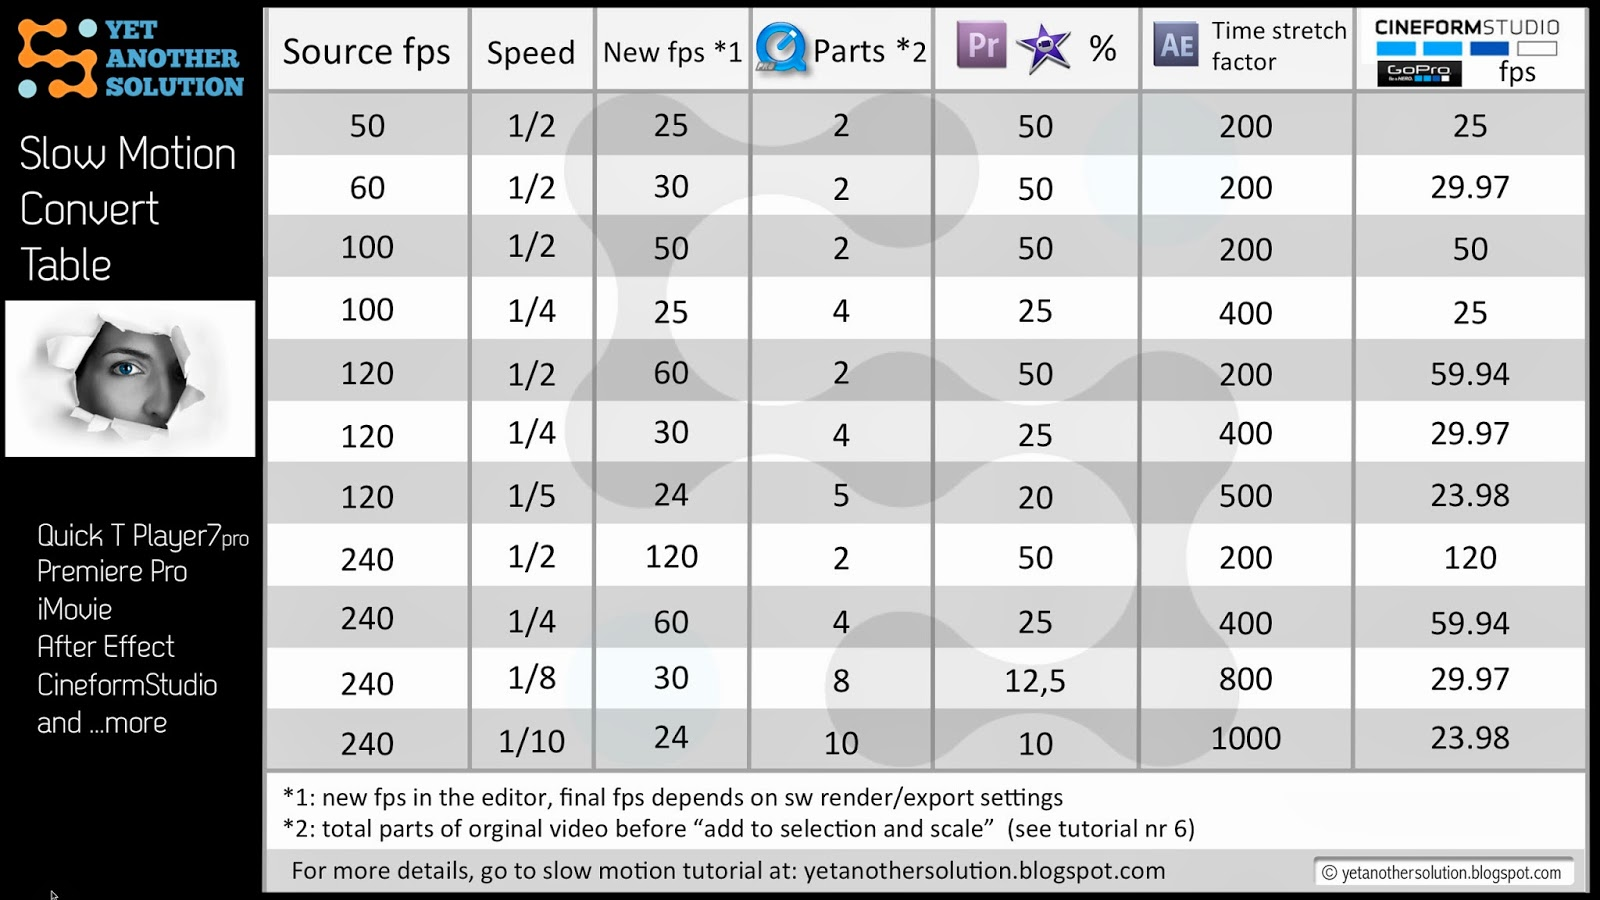 Gopro Frame Rate Slow Motion | Frameswalls.org